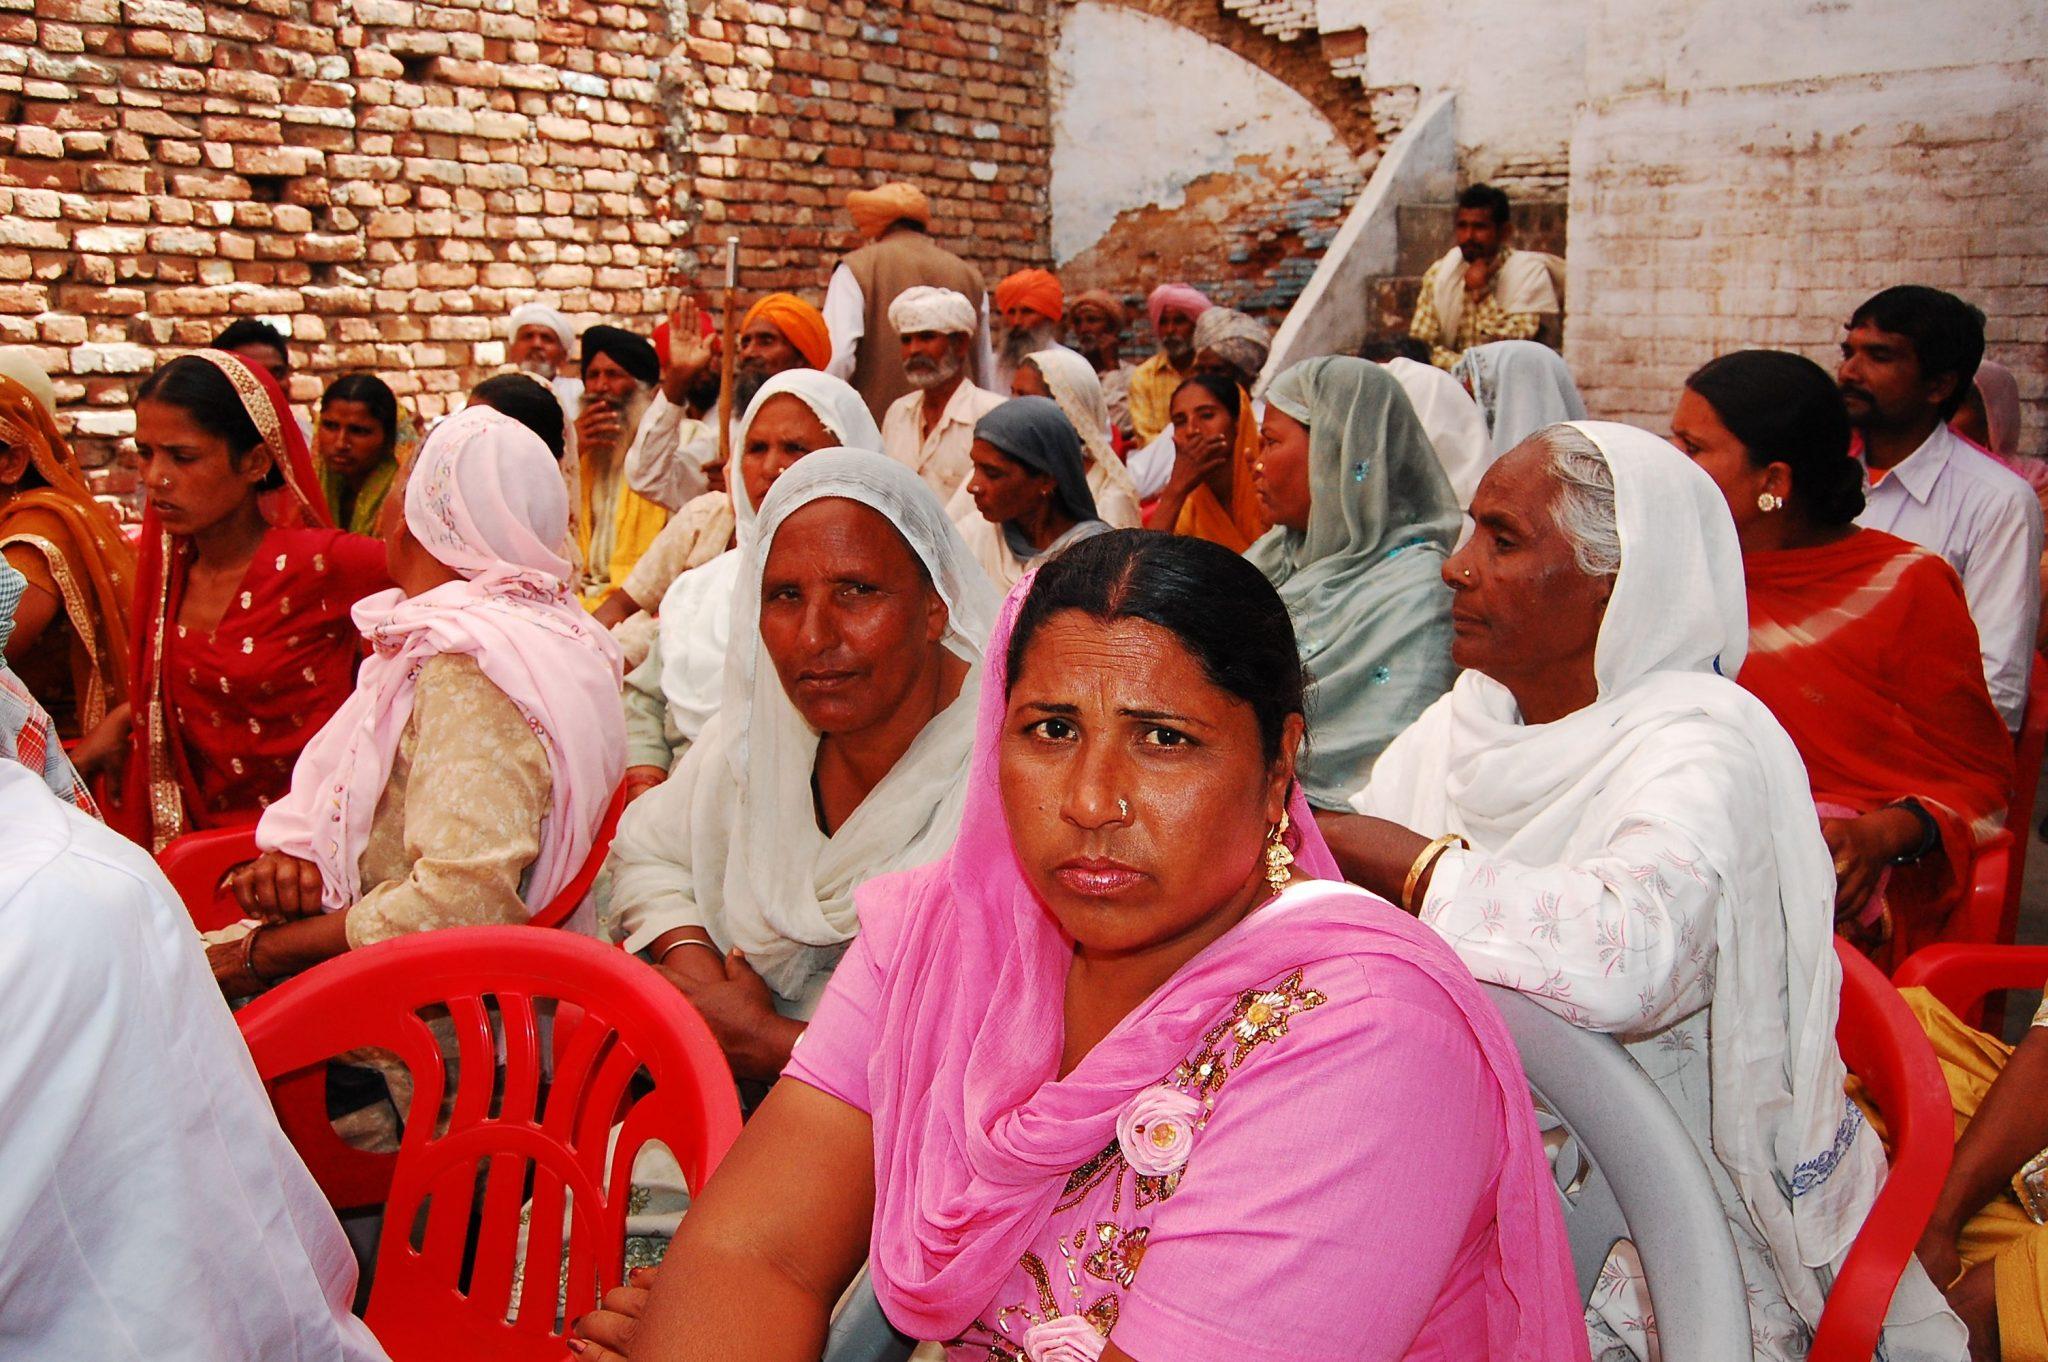 Dorfversammlung im Rahmen des Dalit-Empowerment-Programms der Diözese Amritsar, Kirche von Nordindien